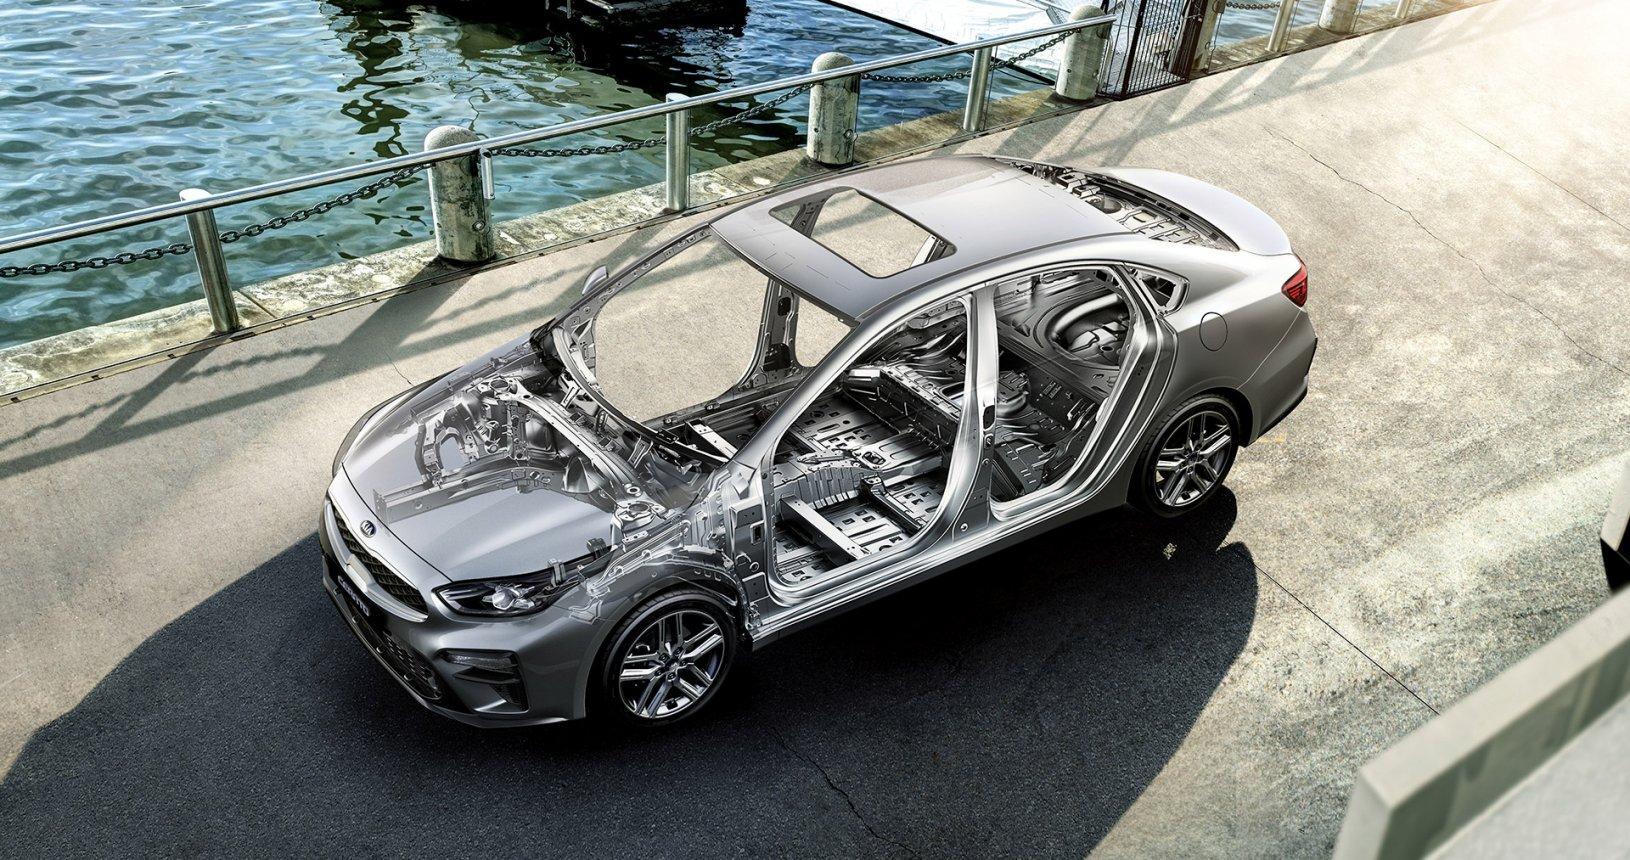 Car Bureau - Nuevo Kia Cerato - Performance - Estructura